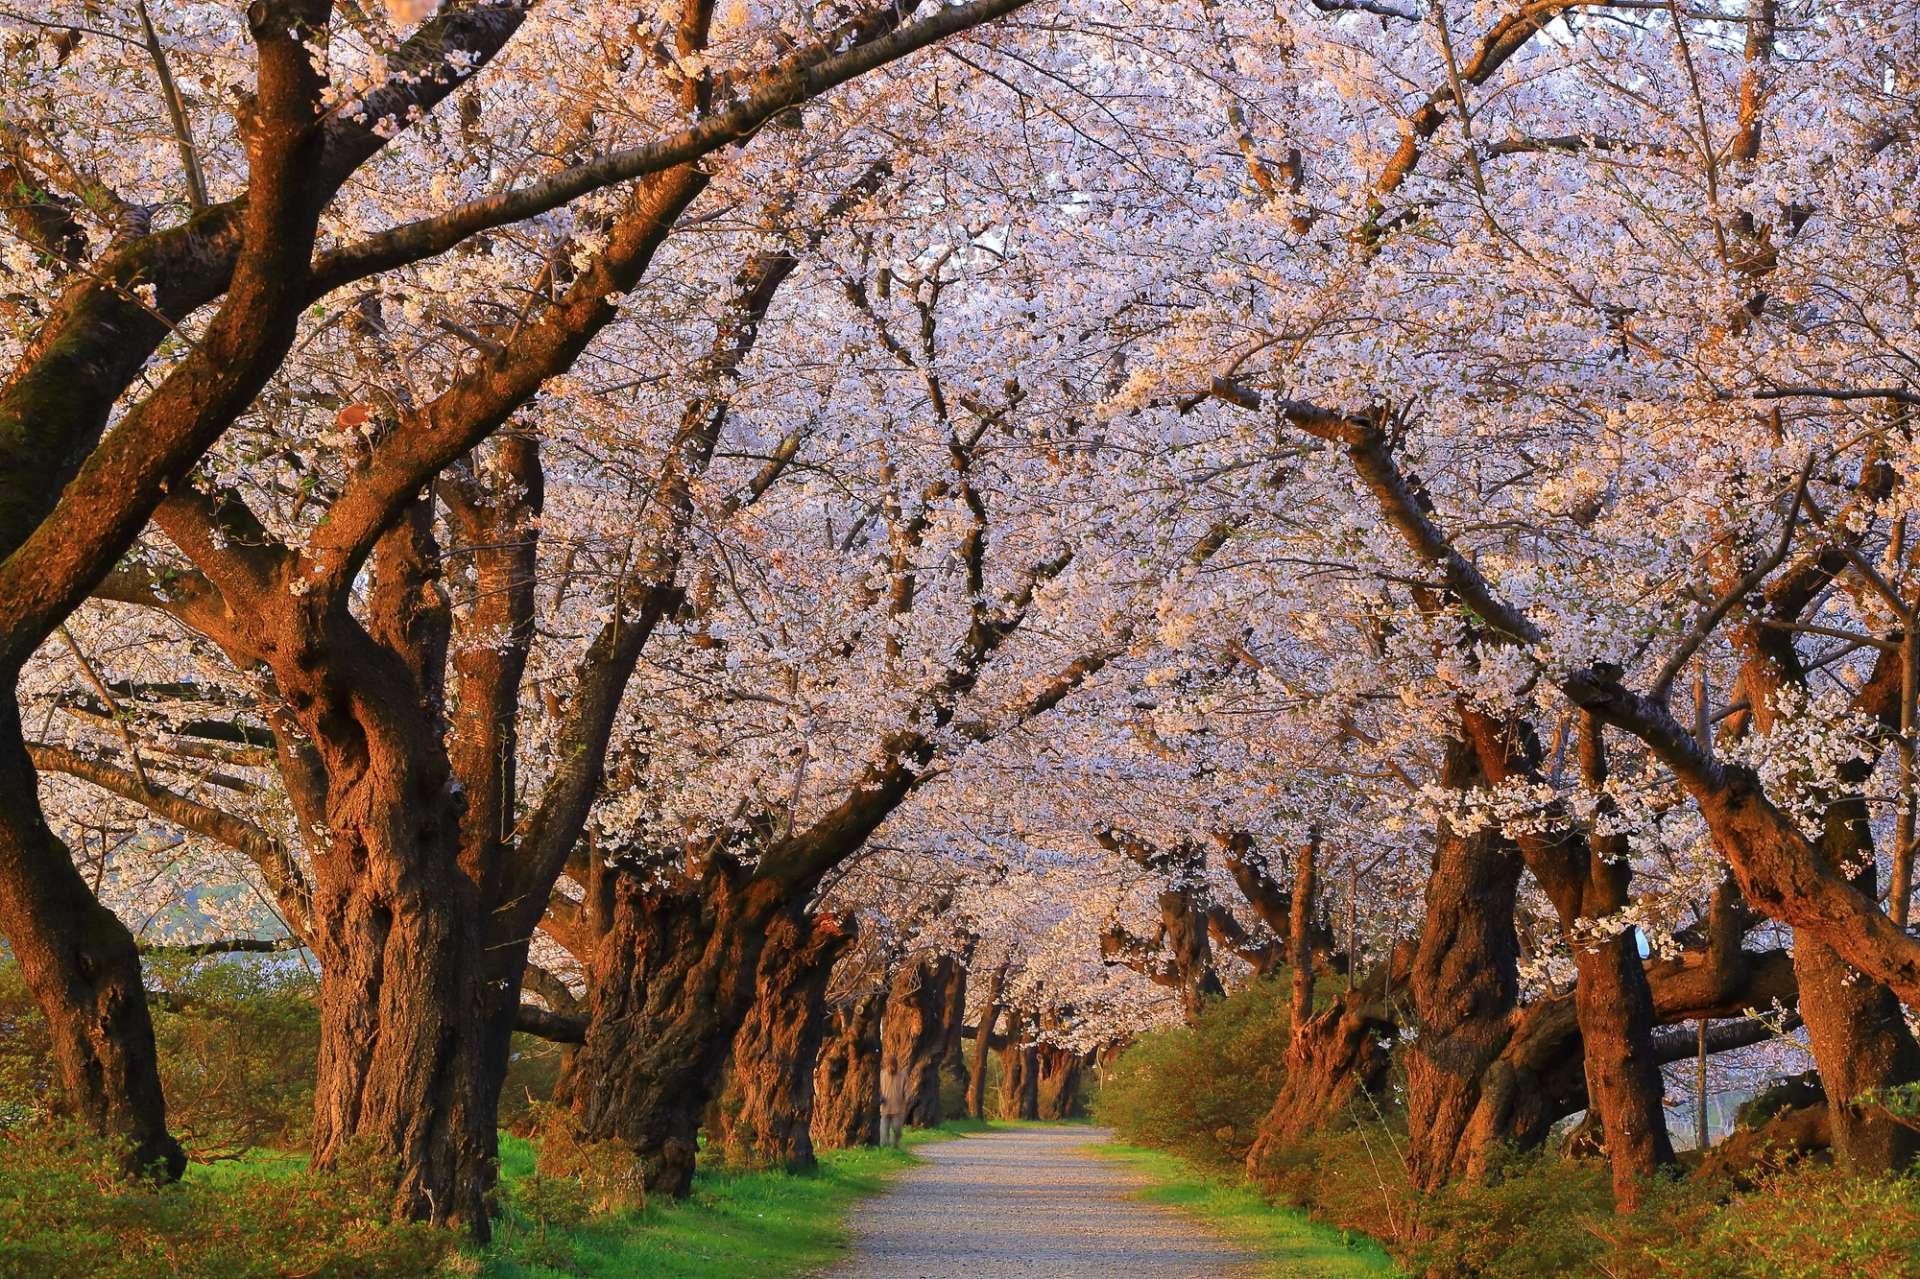 竞相开放的樱花形成美丽的樱花隧道